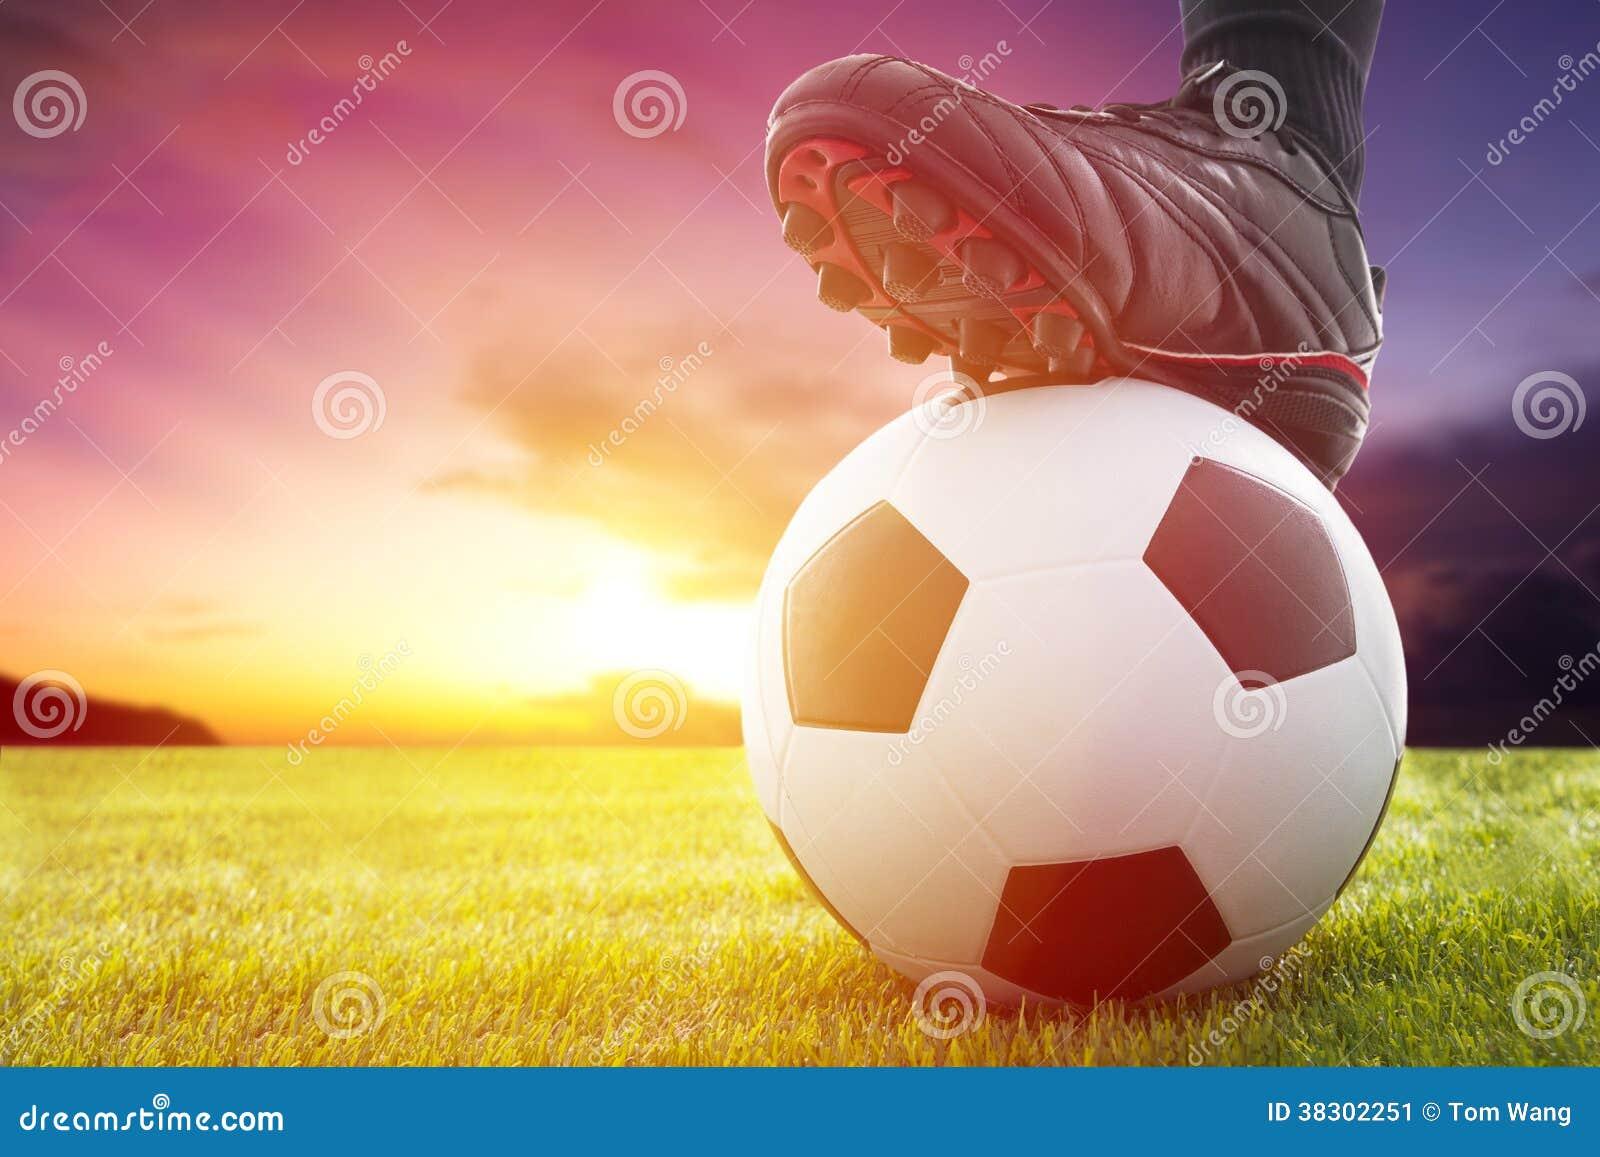 Calcio o pallone da calcio al calcio iniziale di un gioco - Pagina da colorare di un pallone da calcio ...